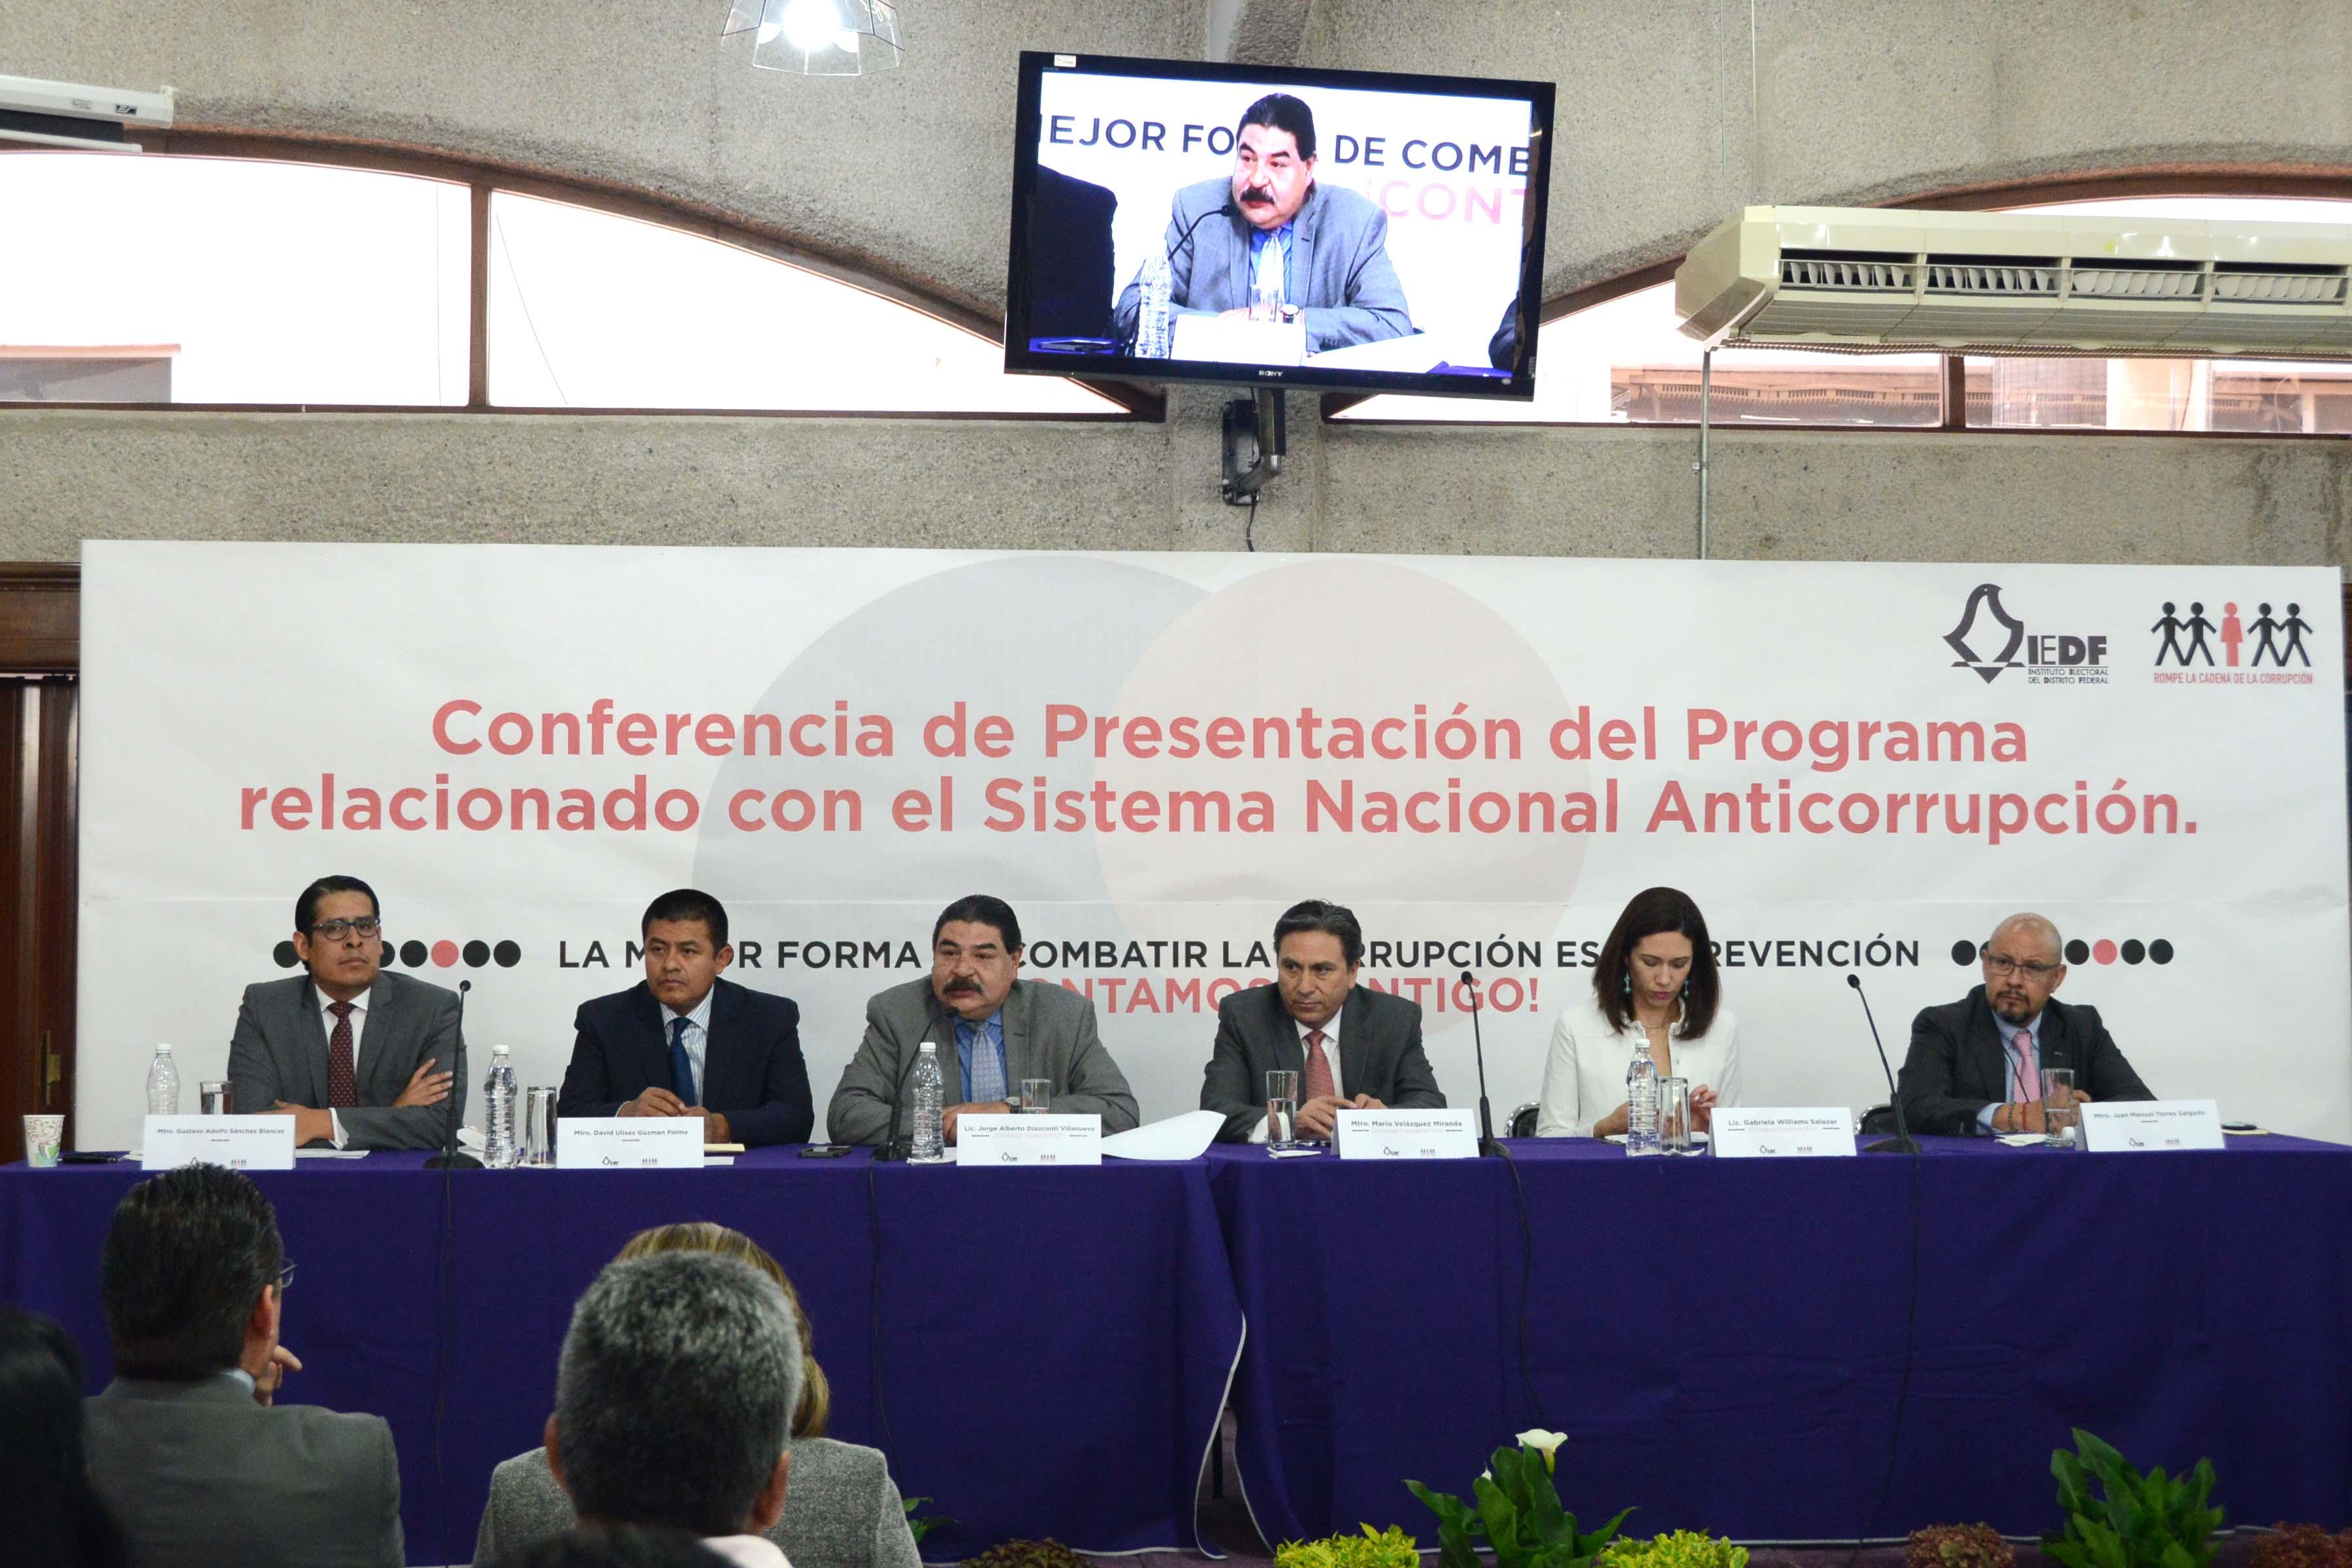 Requiere el nuevo sistema anticorrupción colaboración de todos los servidores públicos, coinciden especialistas y autoridades